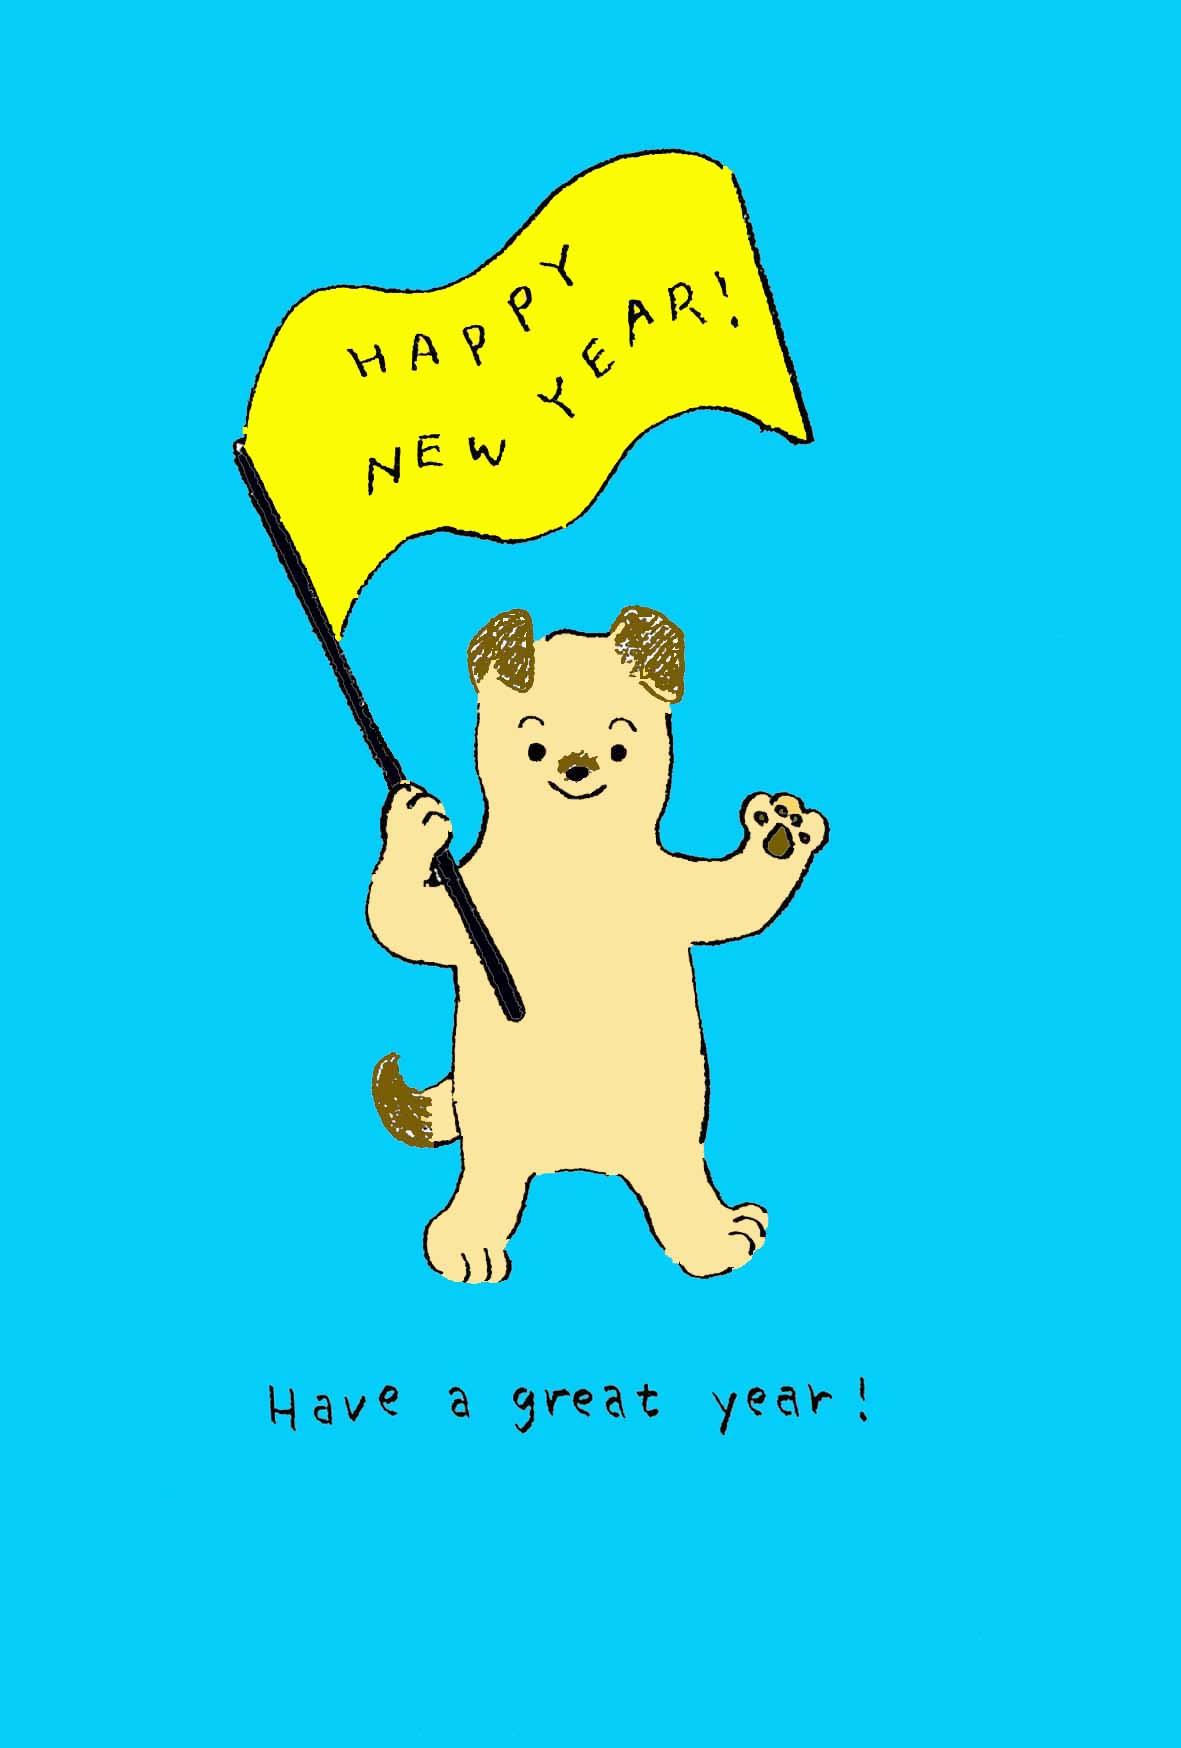 無料戌年年賀状 シンプルイラスト 旗を持ったかわいい犬